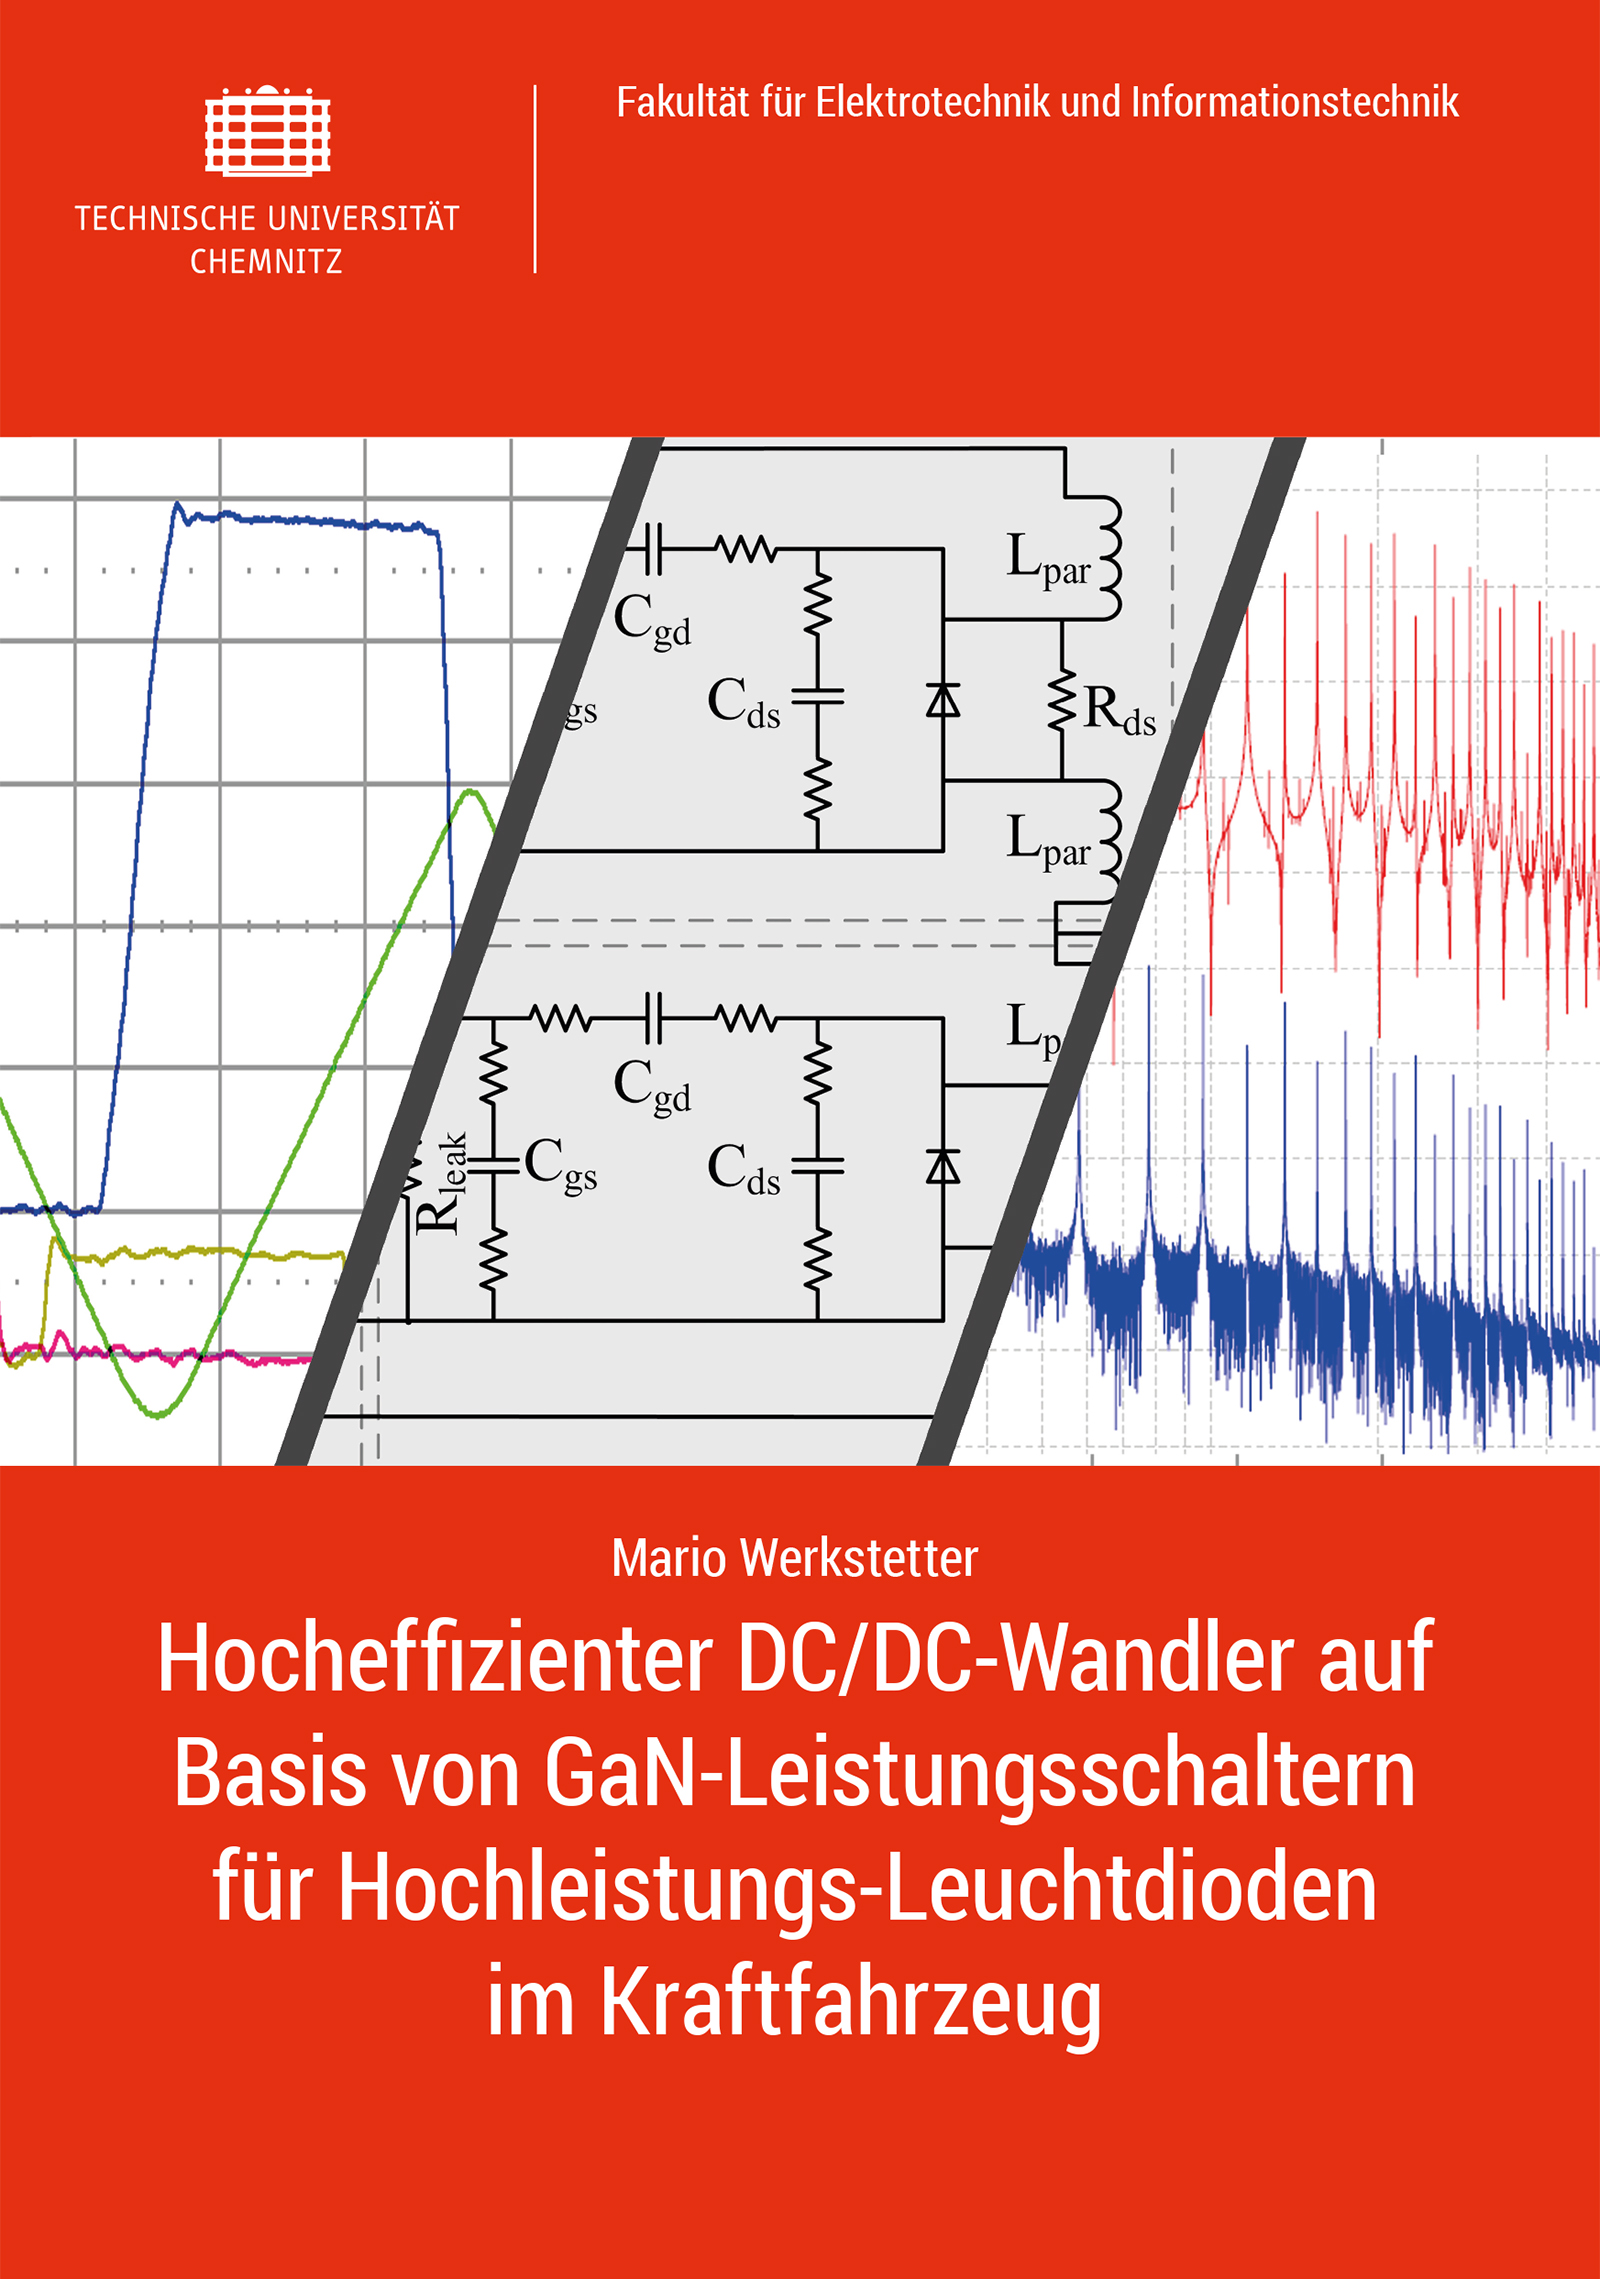 Cover: Hocheffizienter DC/DC-Wandler auf Basis von GaN-Leistungsschaltern für Hochleistungs-Leuchtdioden im Kraftfahrzeug